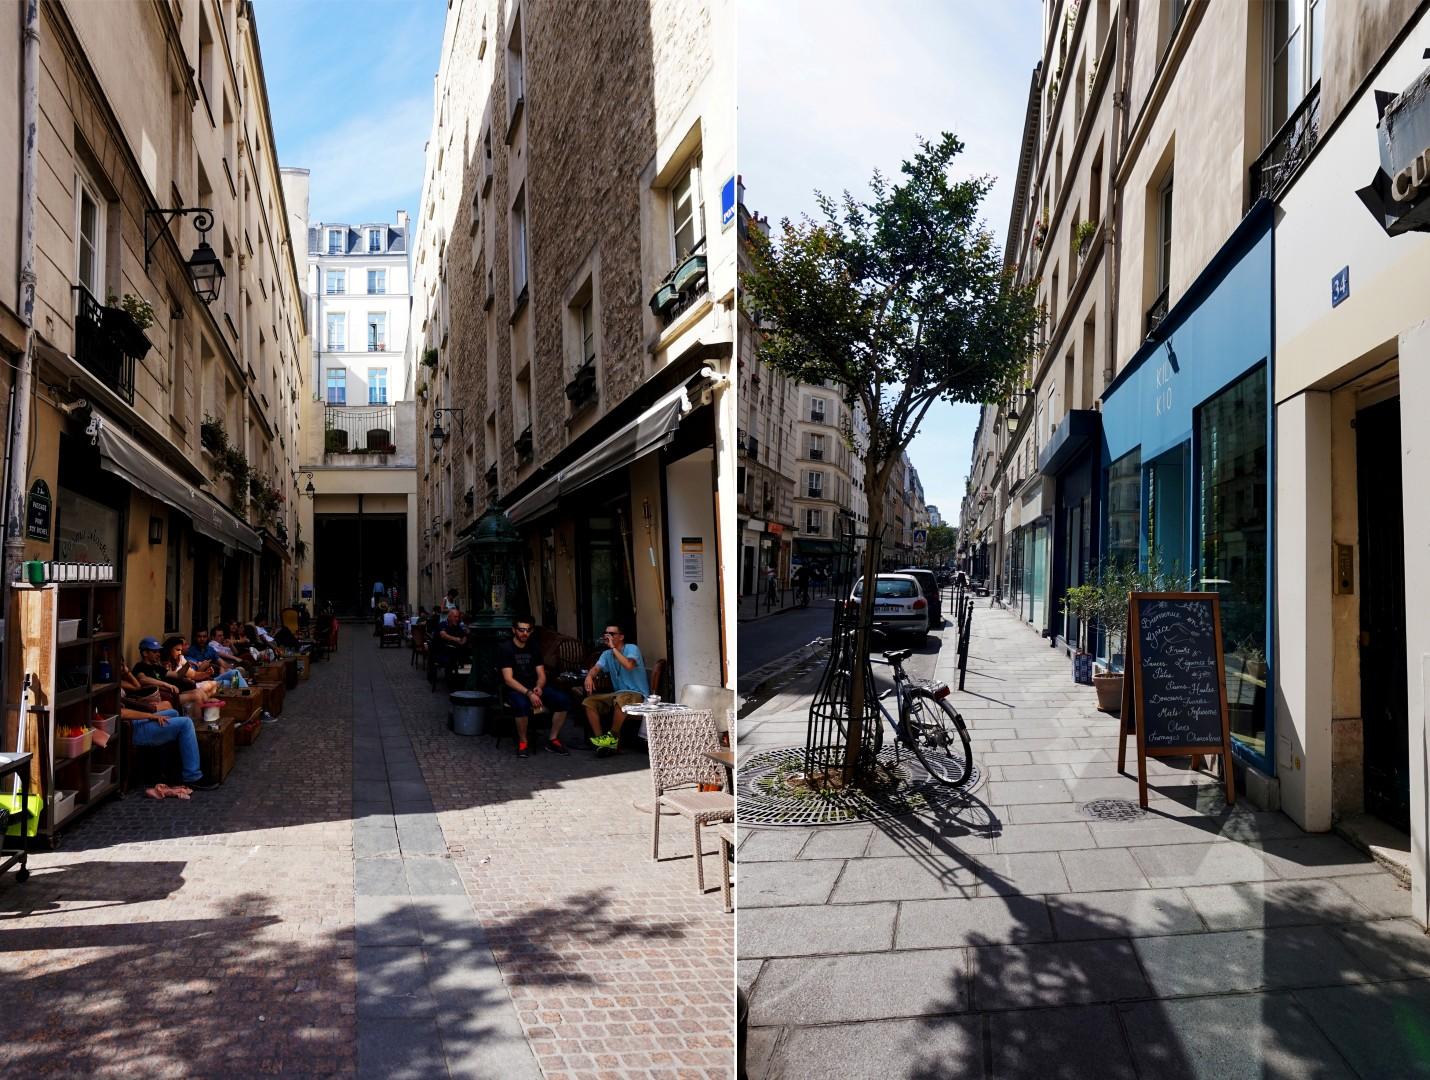 Balade dans le quartier Arts et Métiers (Paris 3e) - Rue Notre Dame de Nazareth